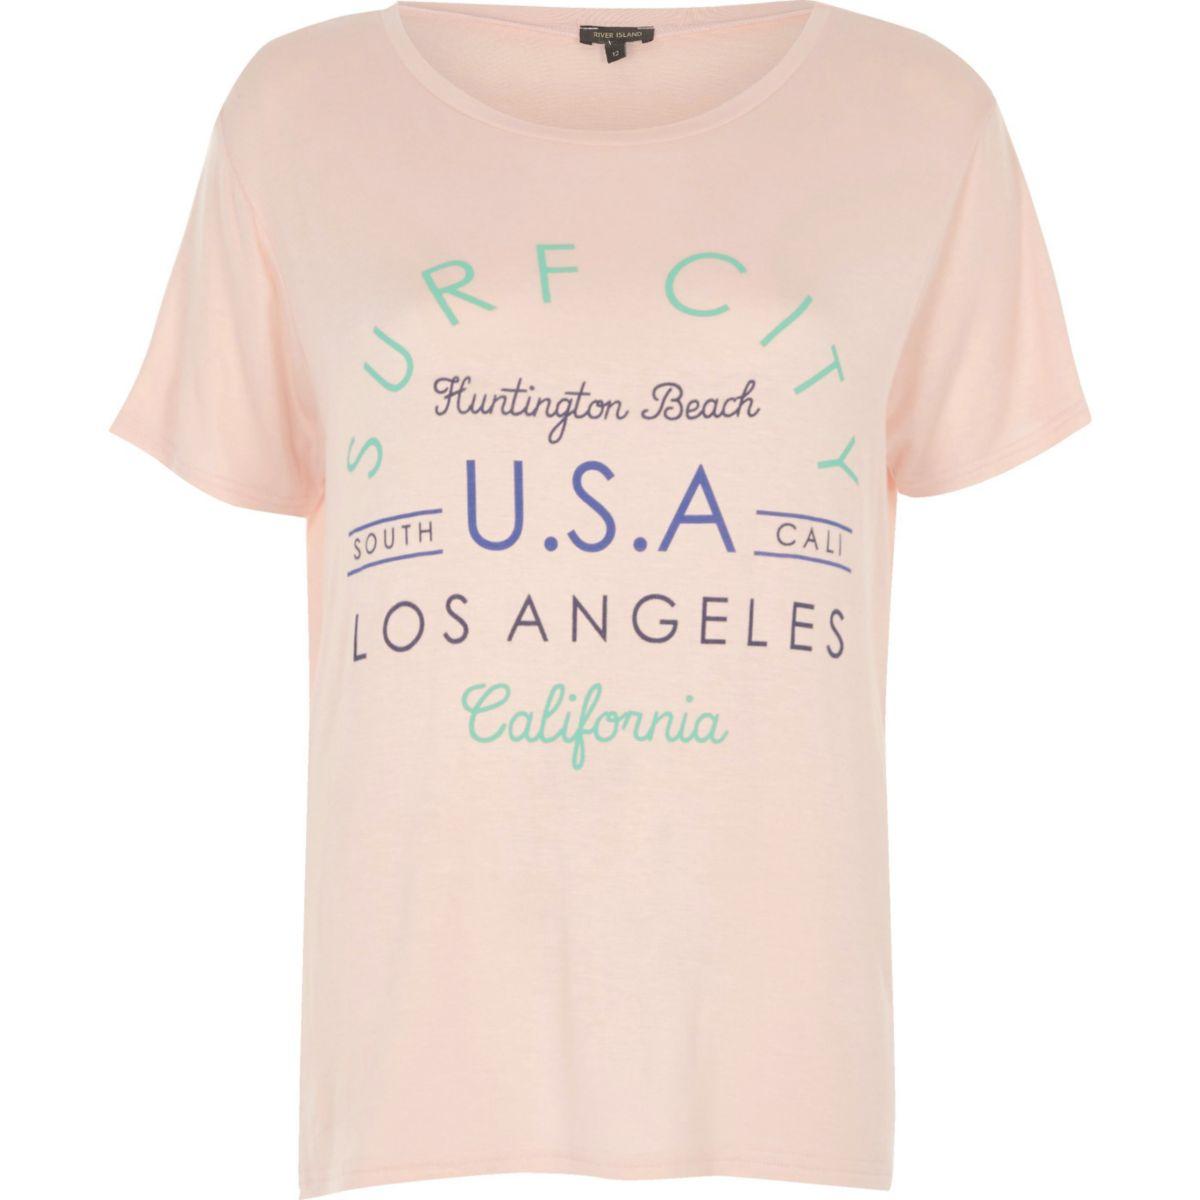 T-shirt rose imprimé Surf City